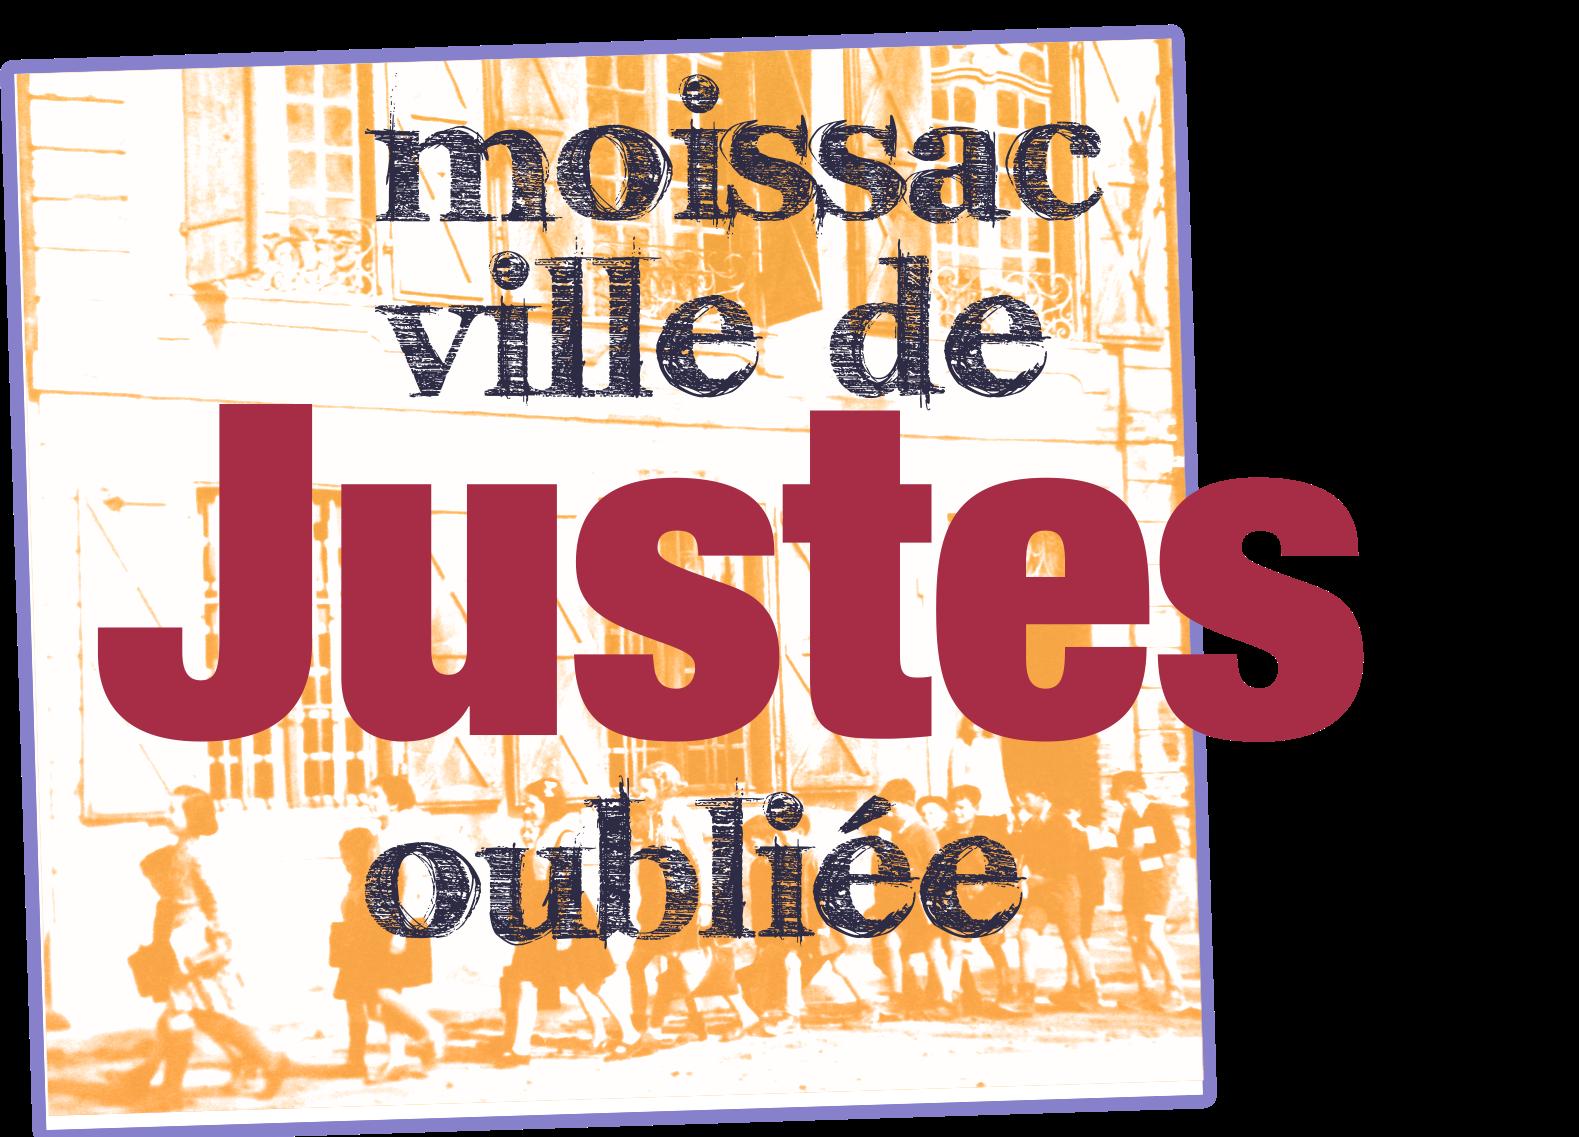 Moissac ville de Justes oubliée